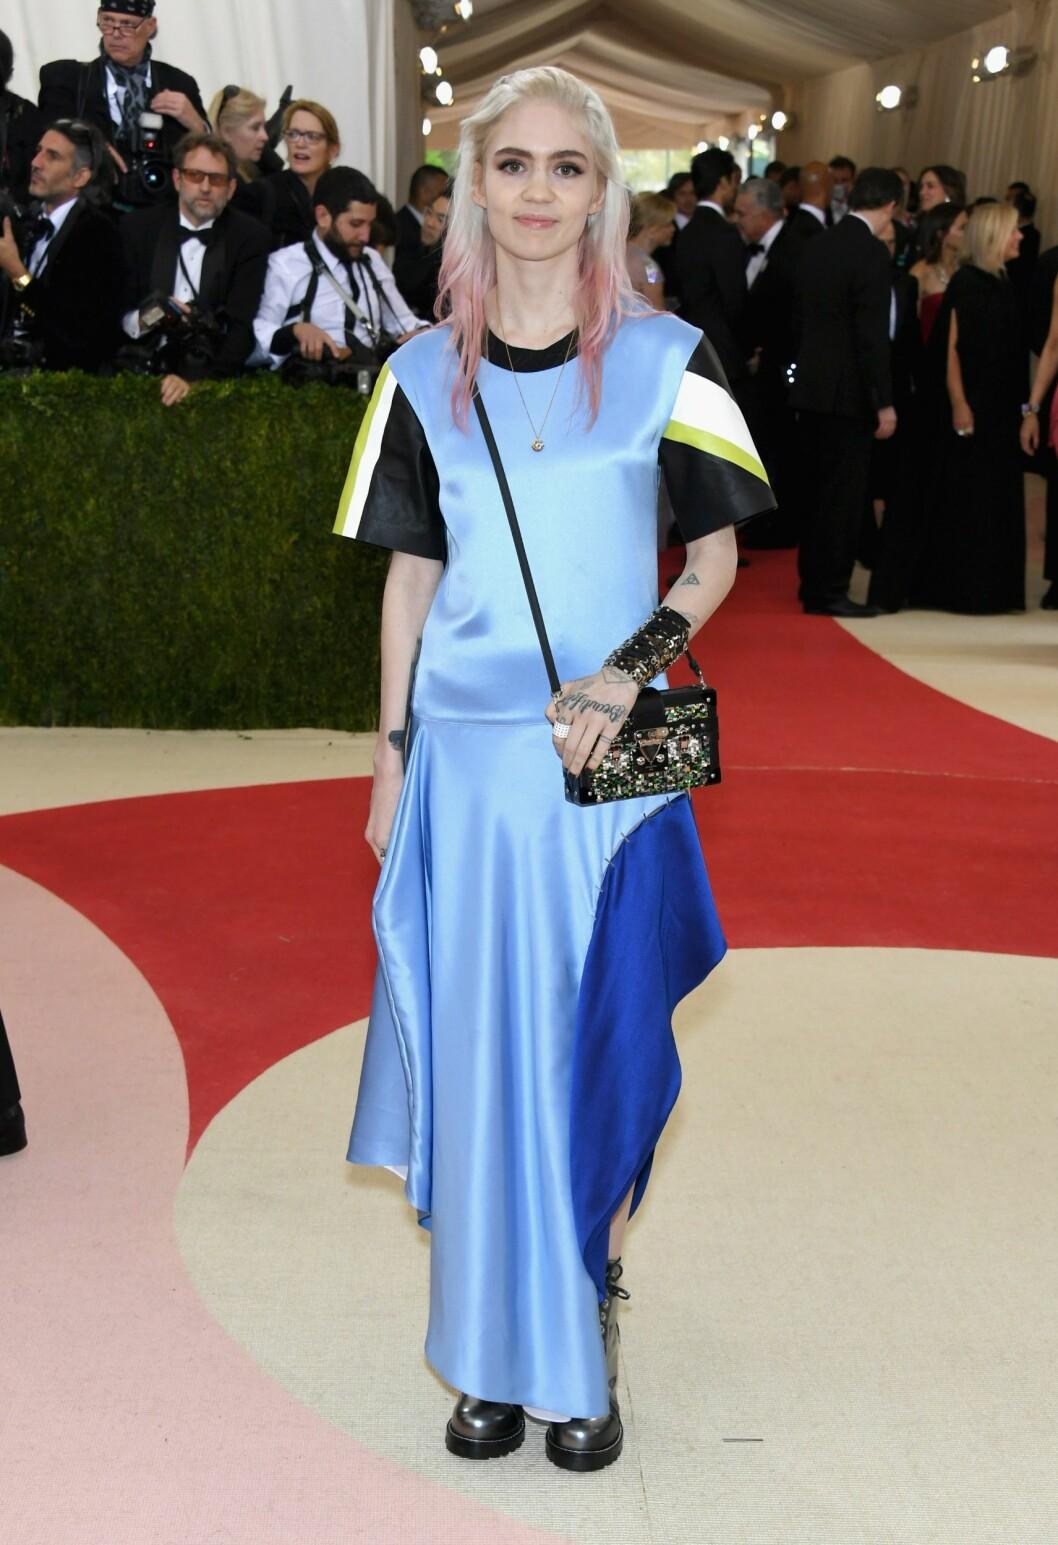 FORMLØS: Artisten Grimes stilte i en fotsid, t-skjortelignende kjole stylet med boots og glitrende tilbehør. Foto: Afp